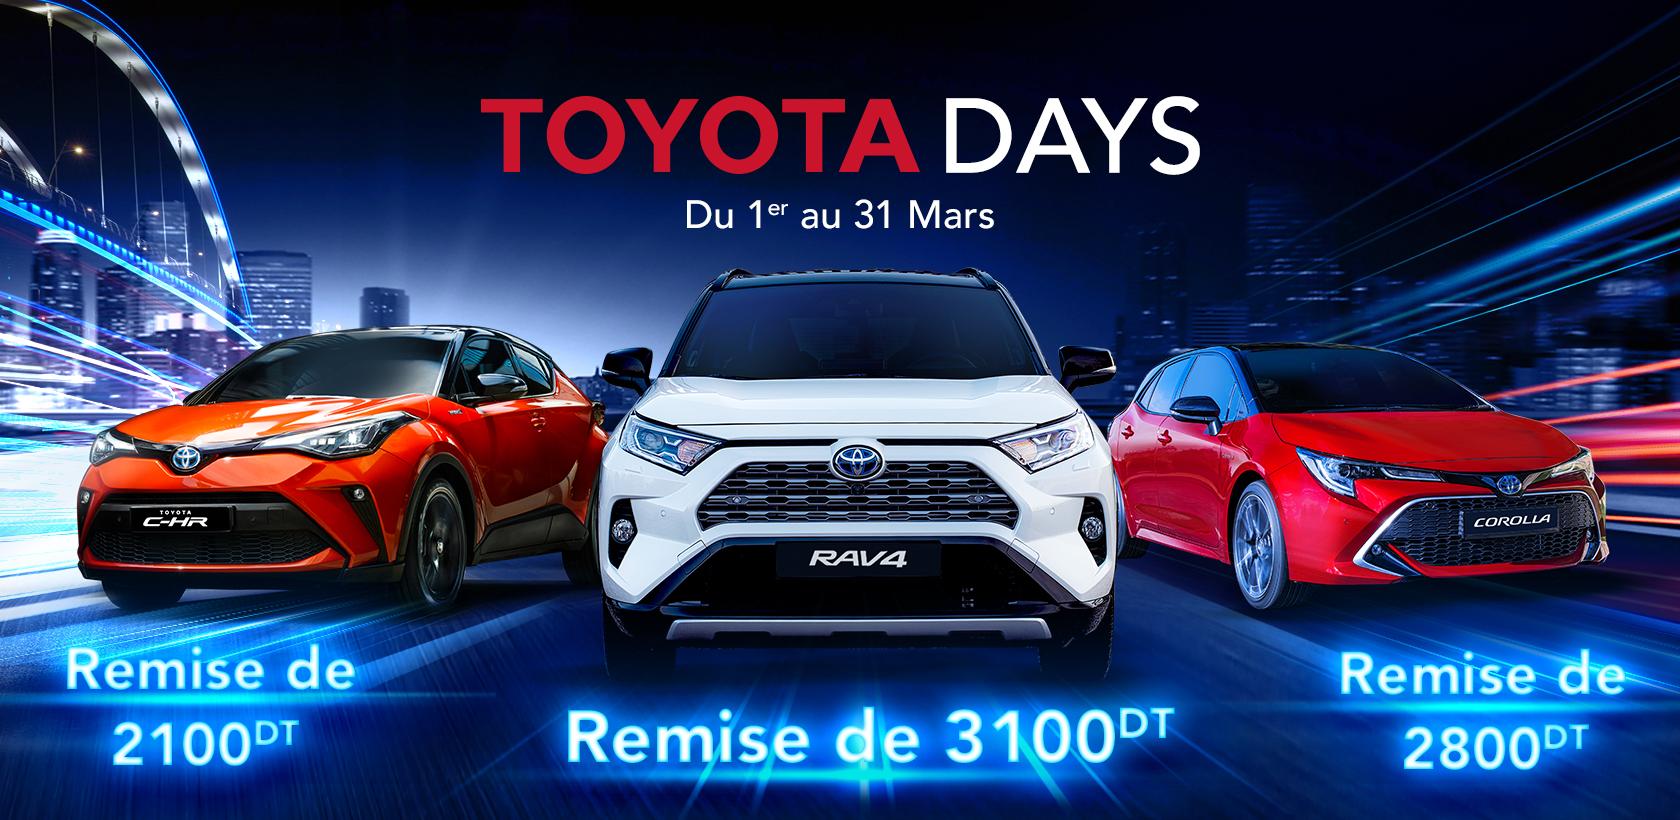 Toyota Days - Des remises sur toute la gamme jusqu'au 31 Mars